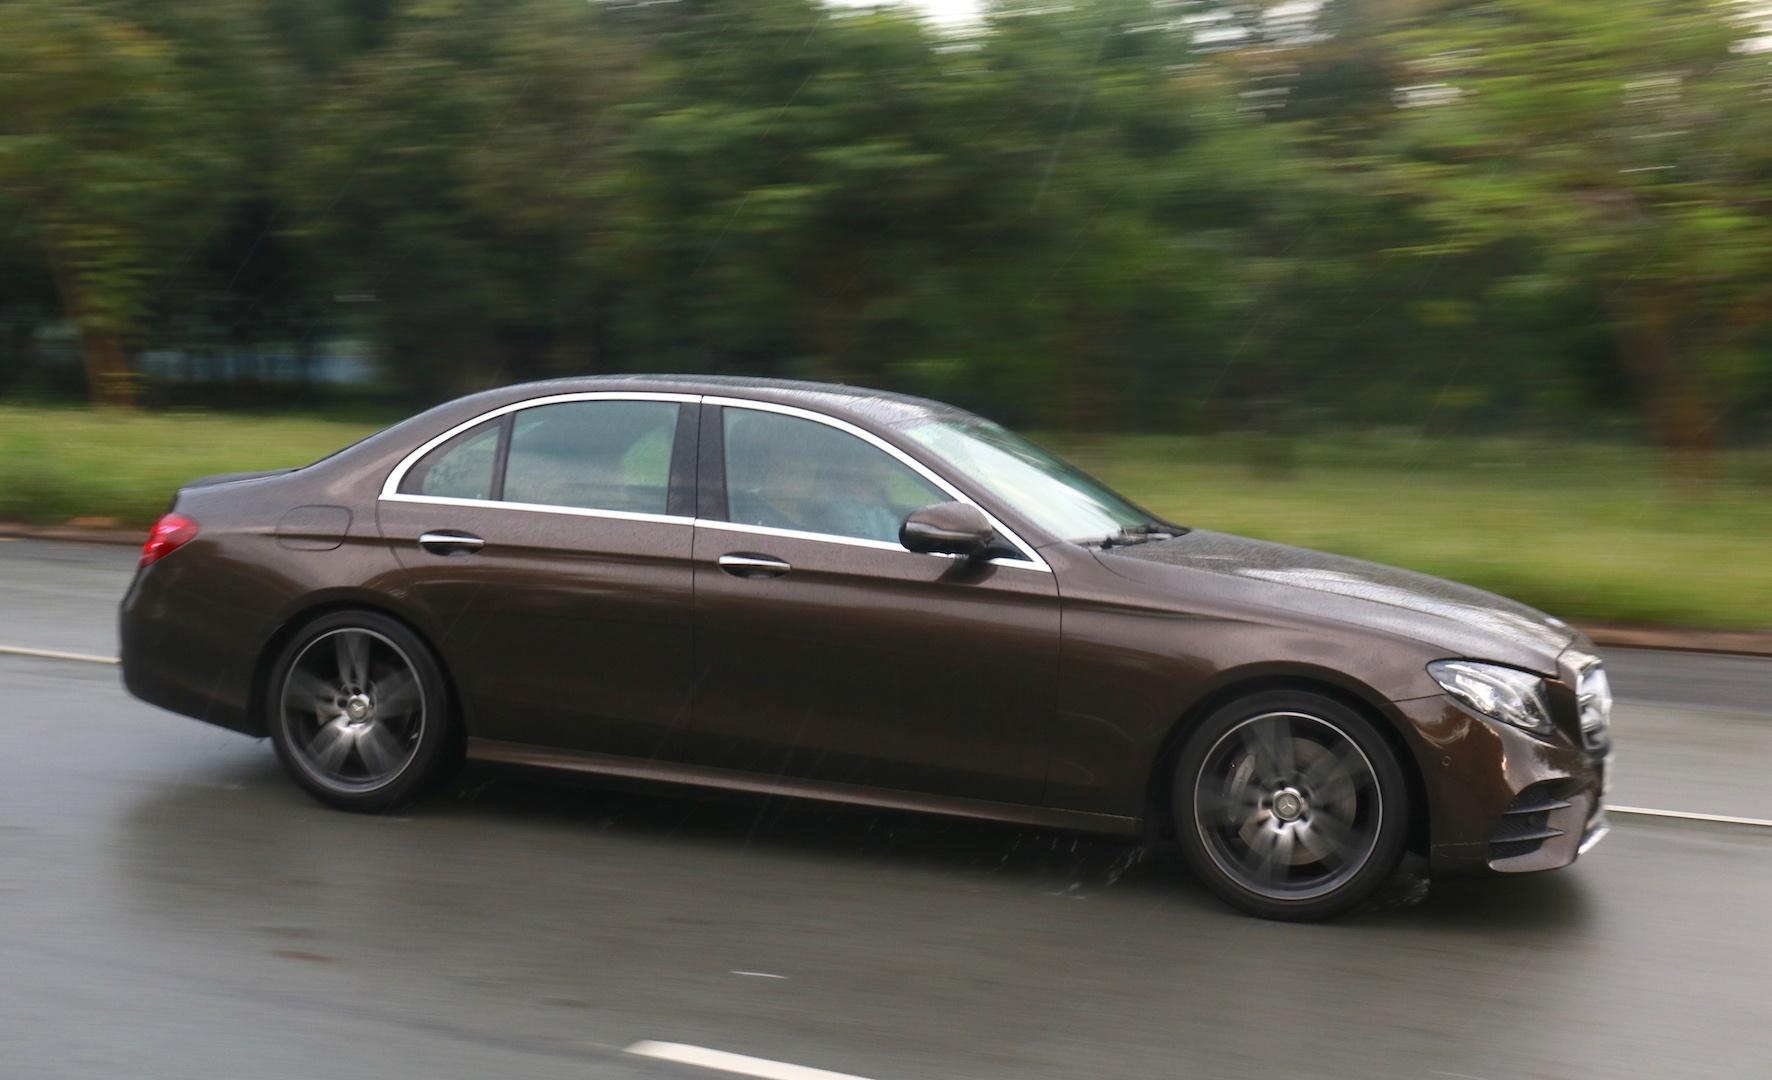 Mercedes E300 AMG - sedan hang sang gia 3 ty dong tai Viet Nam hinh anh 13